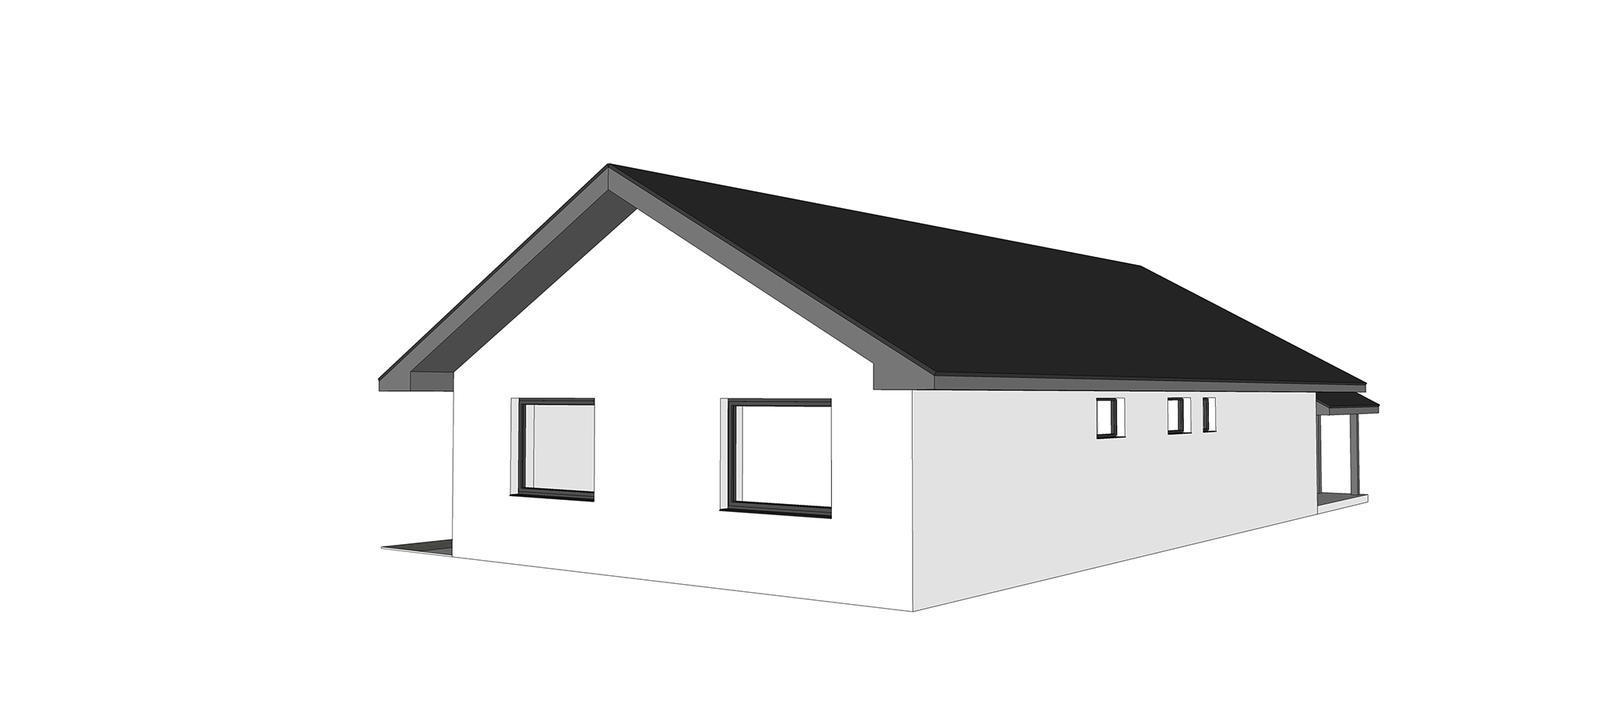 Nový bungalov a výber tvaru strechy + terasa - Obrázok č. 2